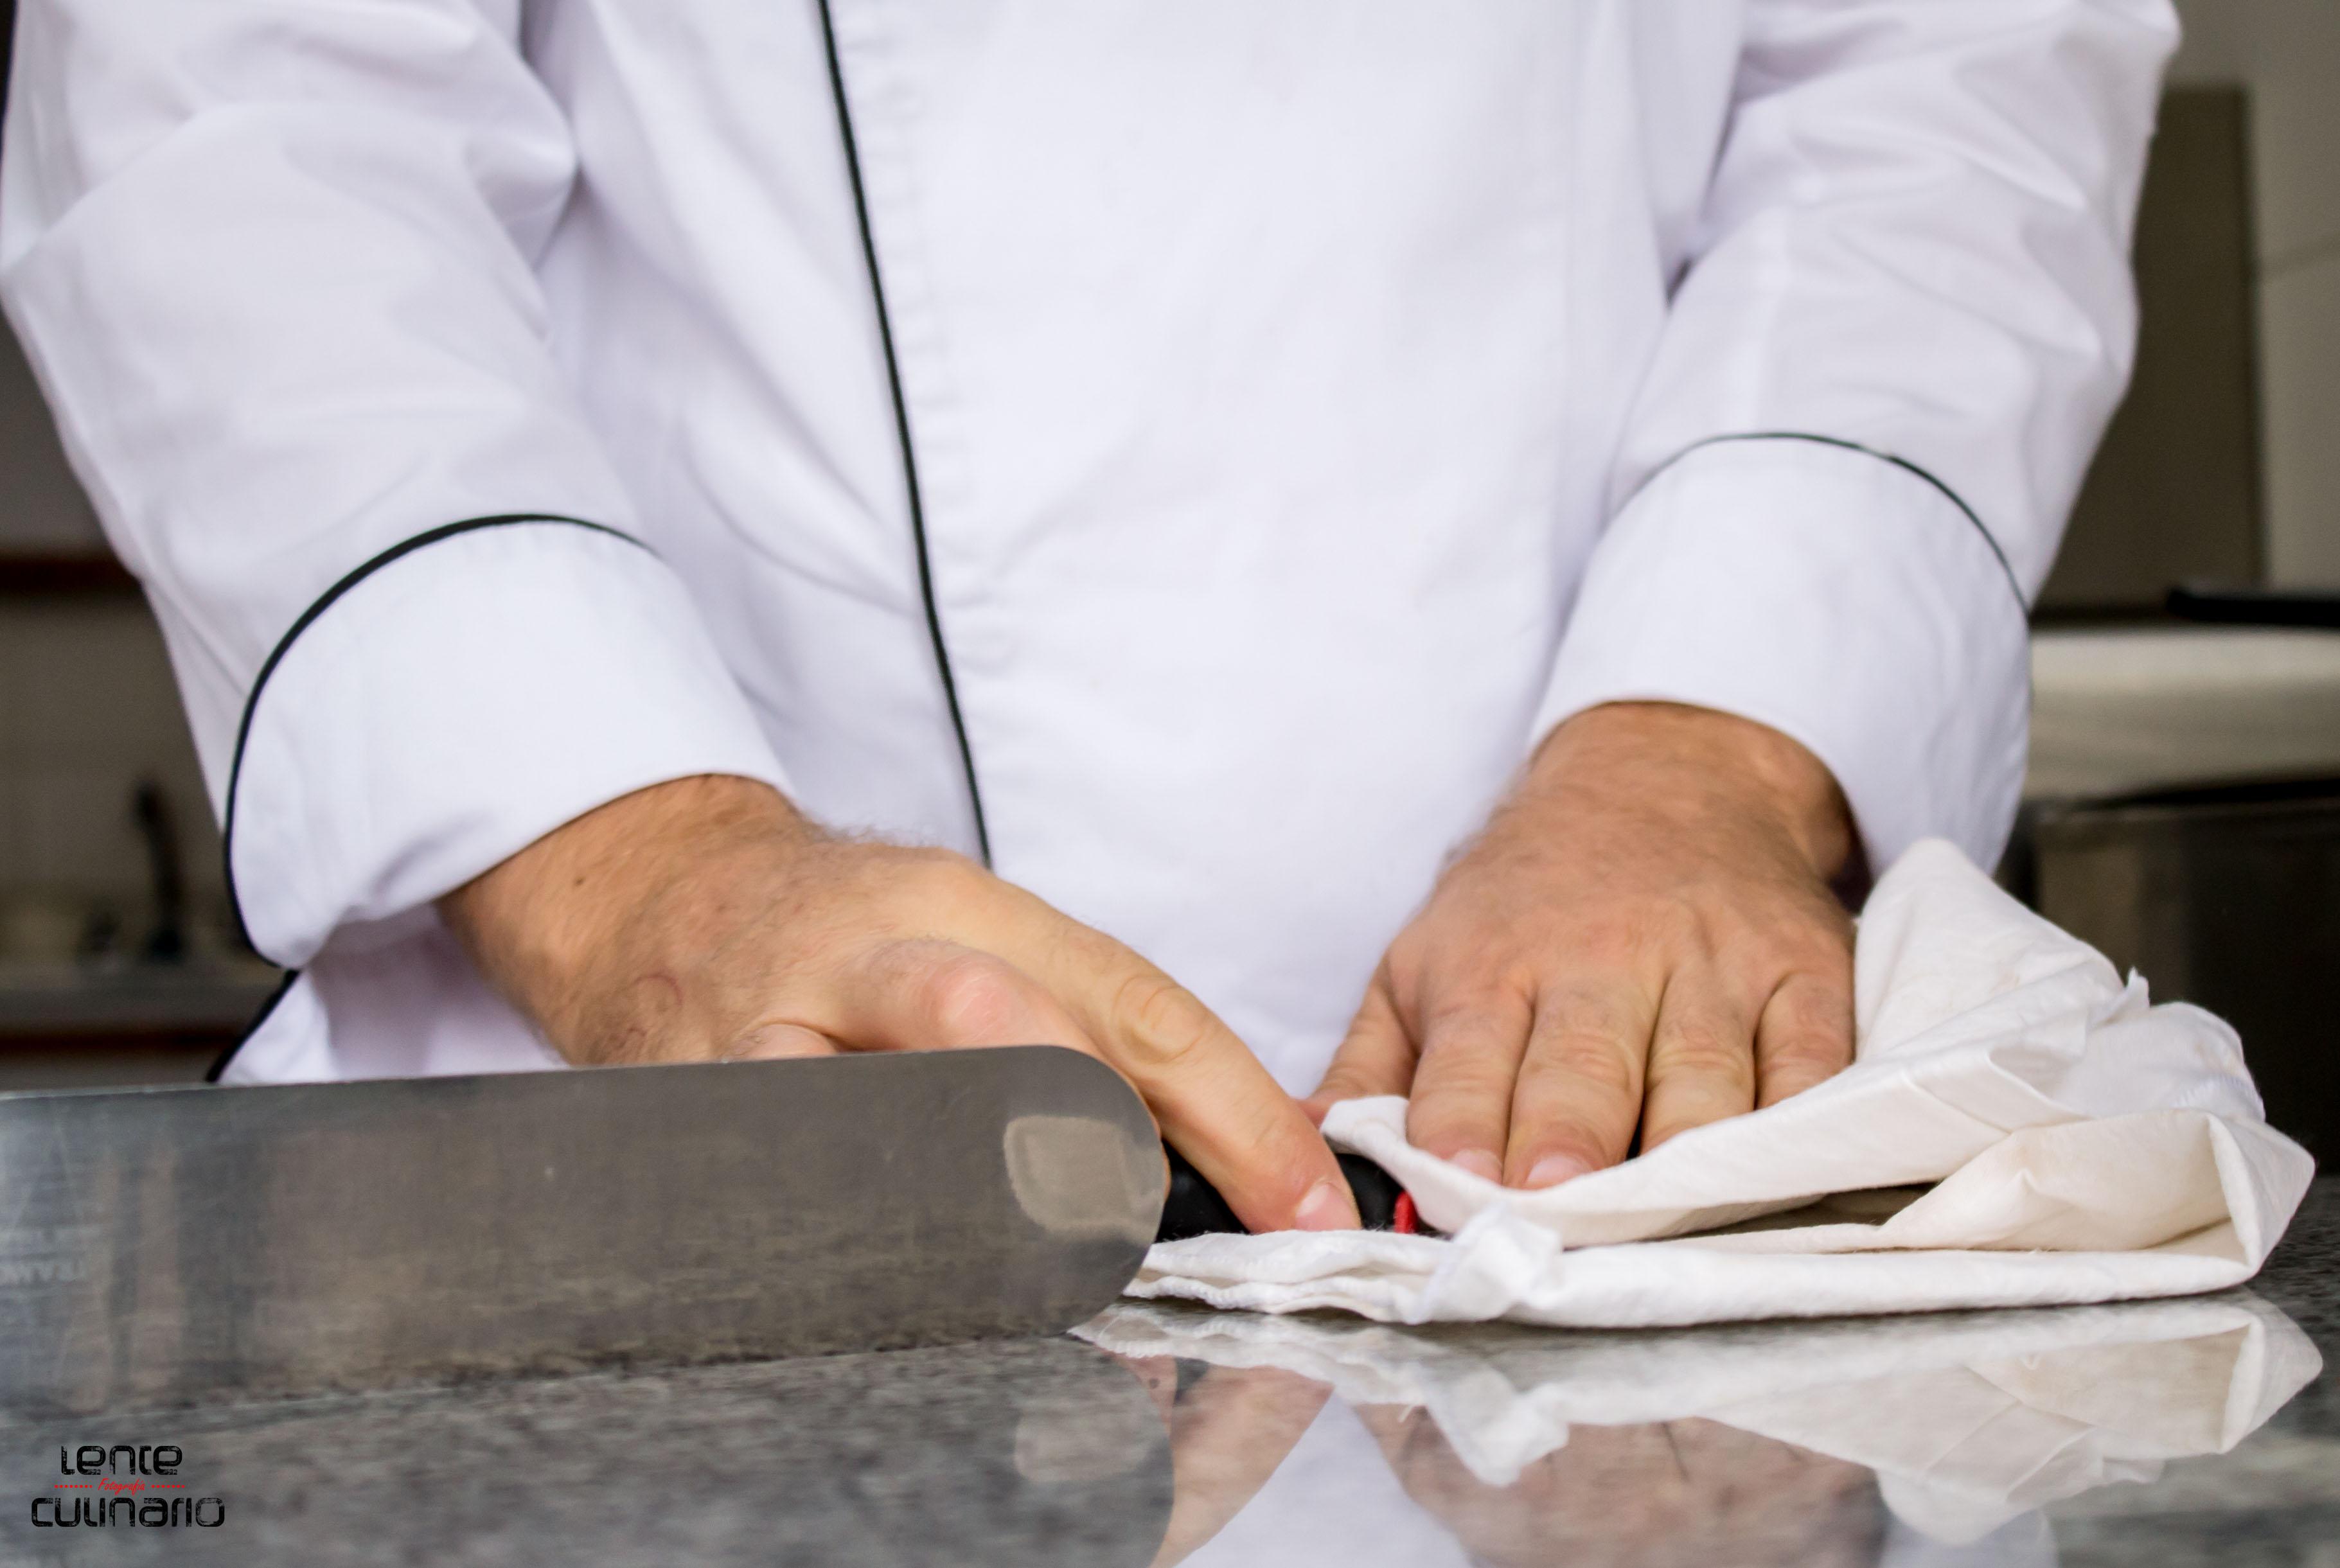 El pr ximo bill gates de los chocolates bienvenido a for Como limpiar una mesa de marmol manchada